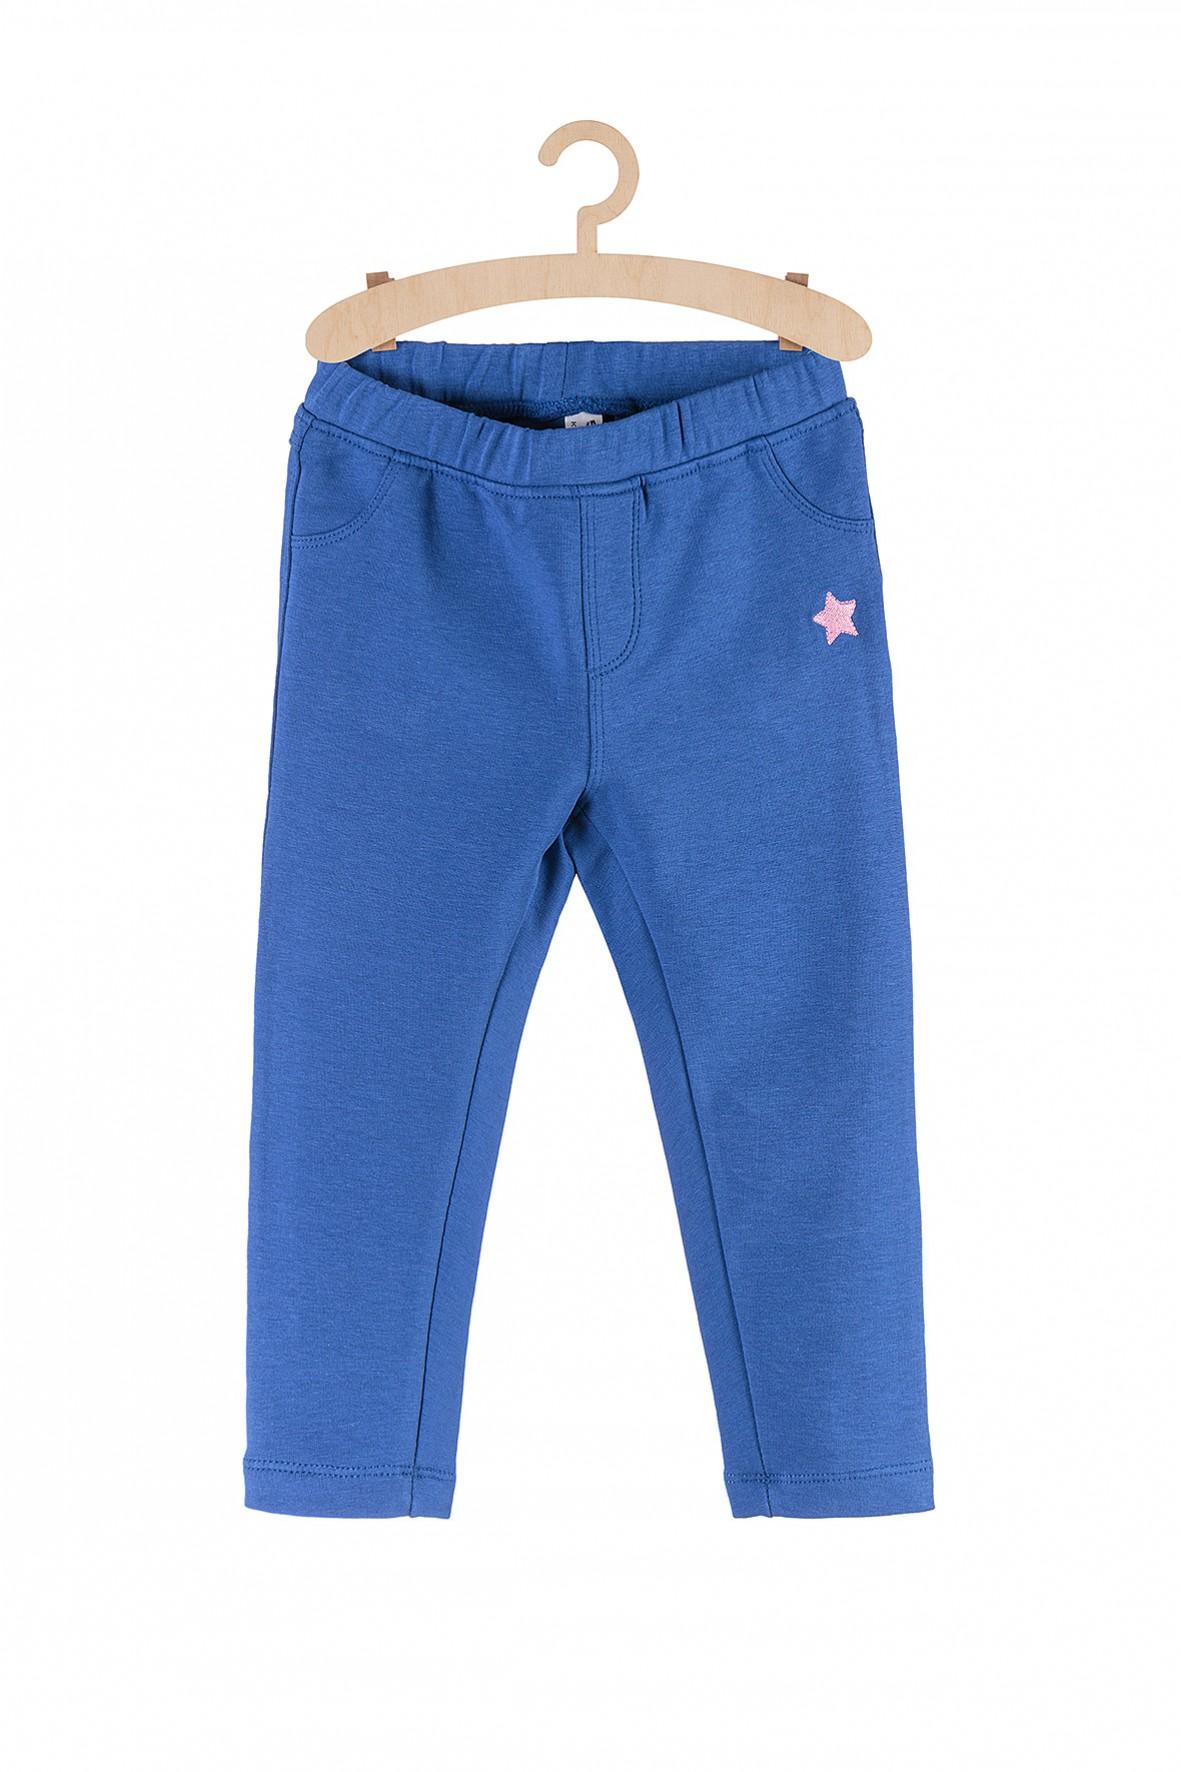 Spodnie dresowe niebieskie z różowa gwiazdkę